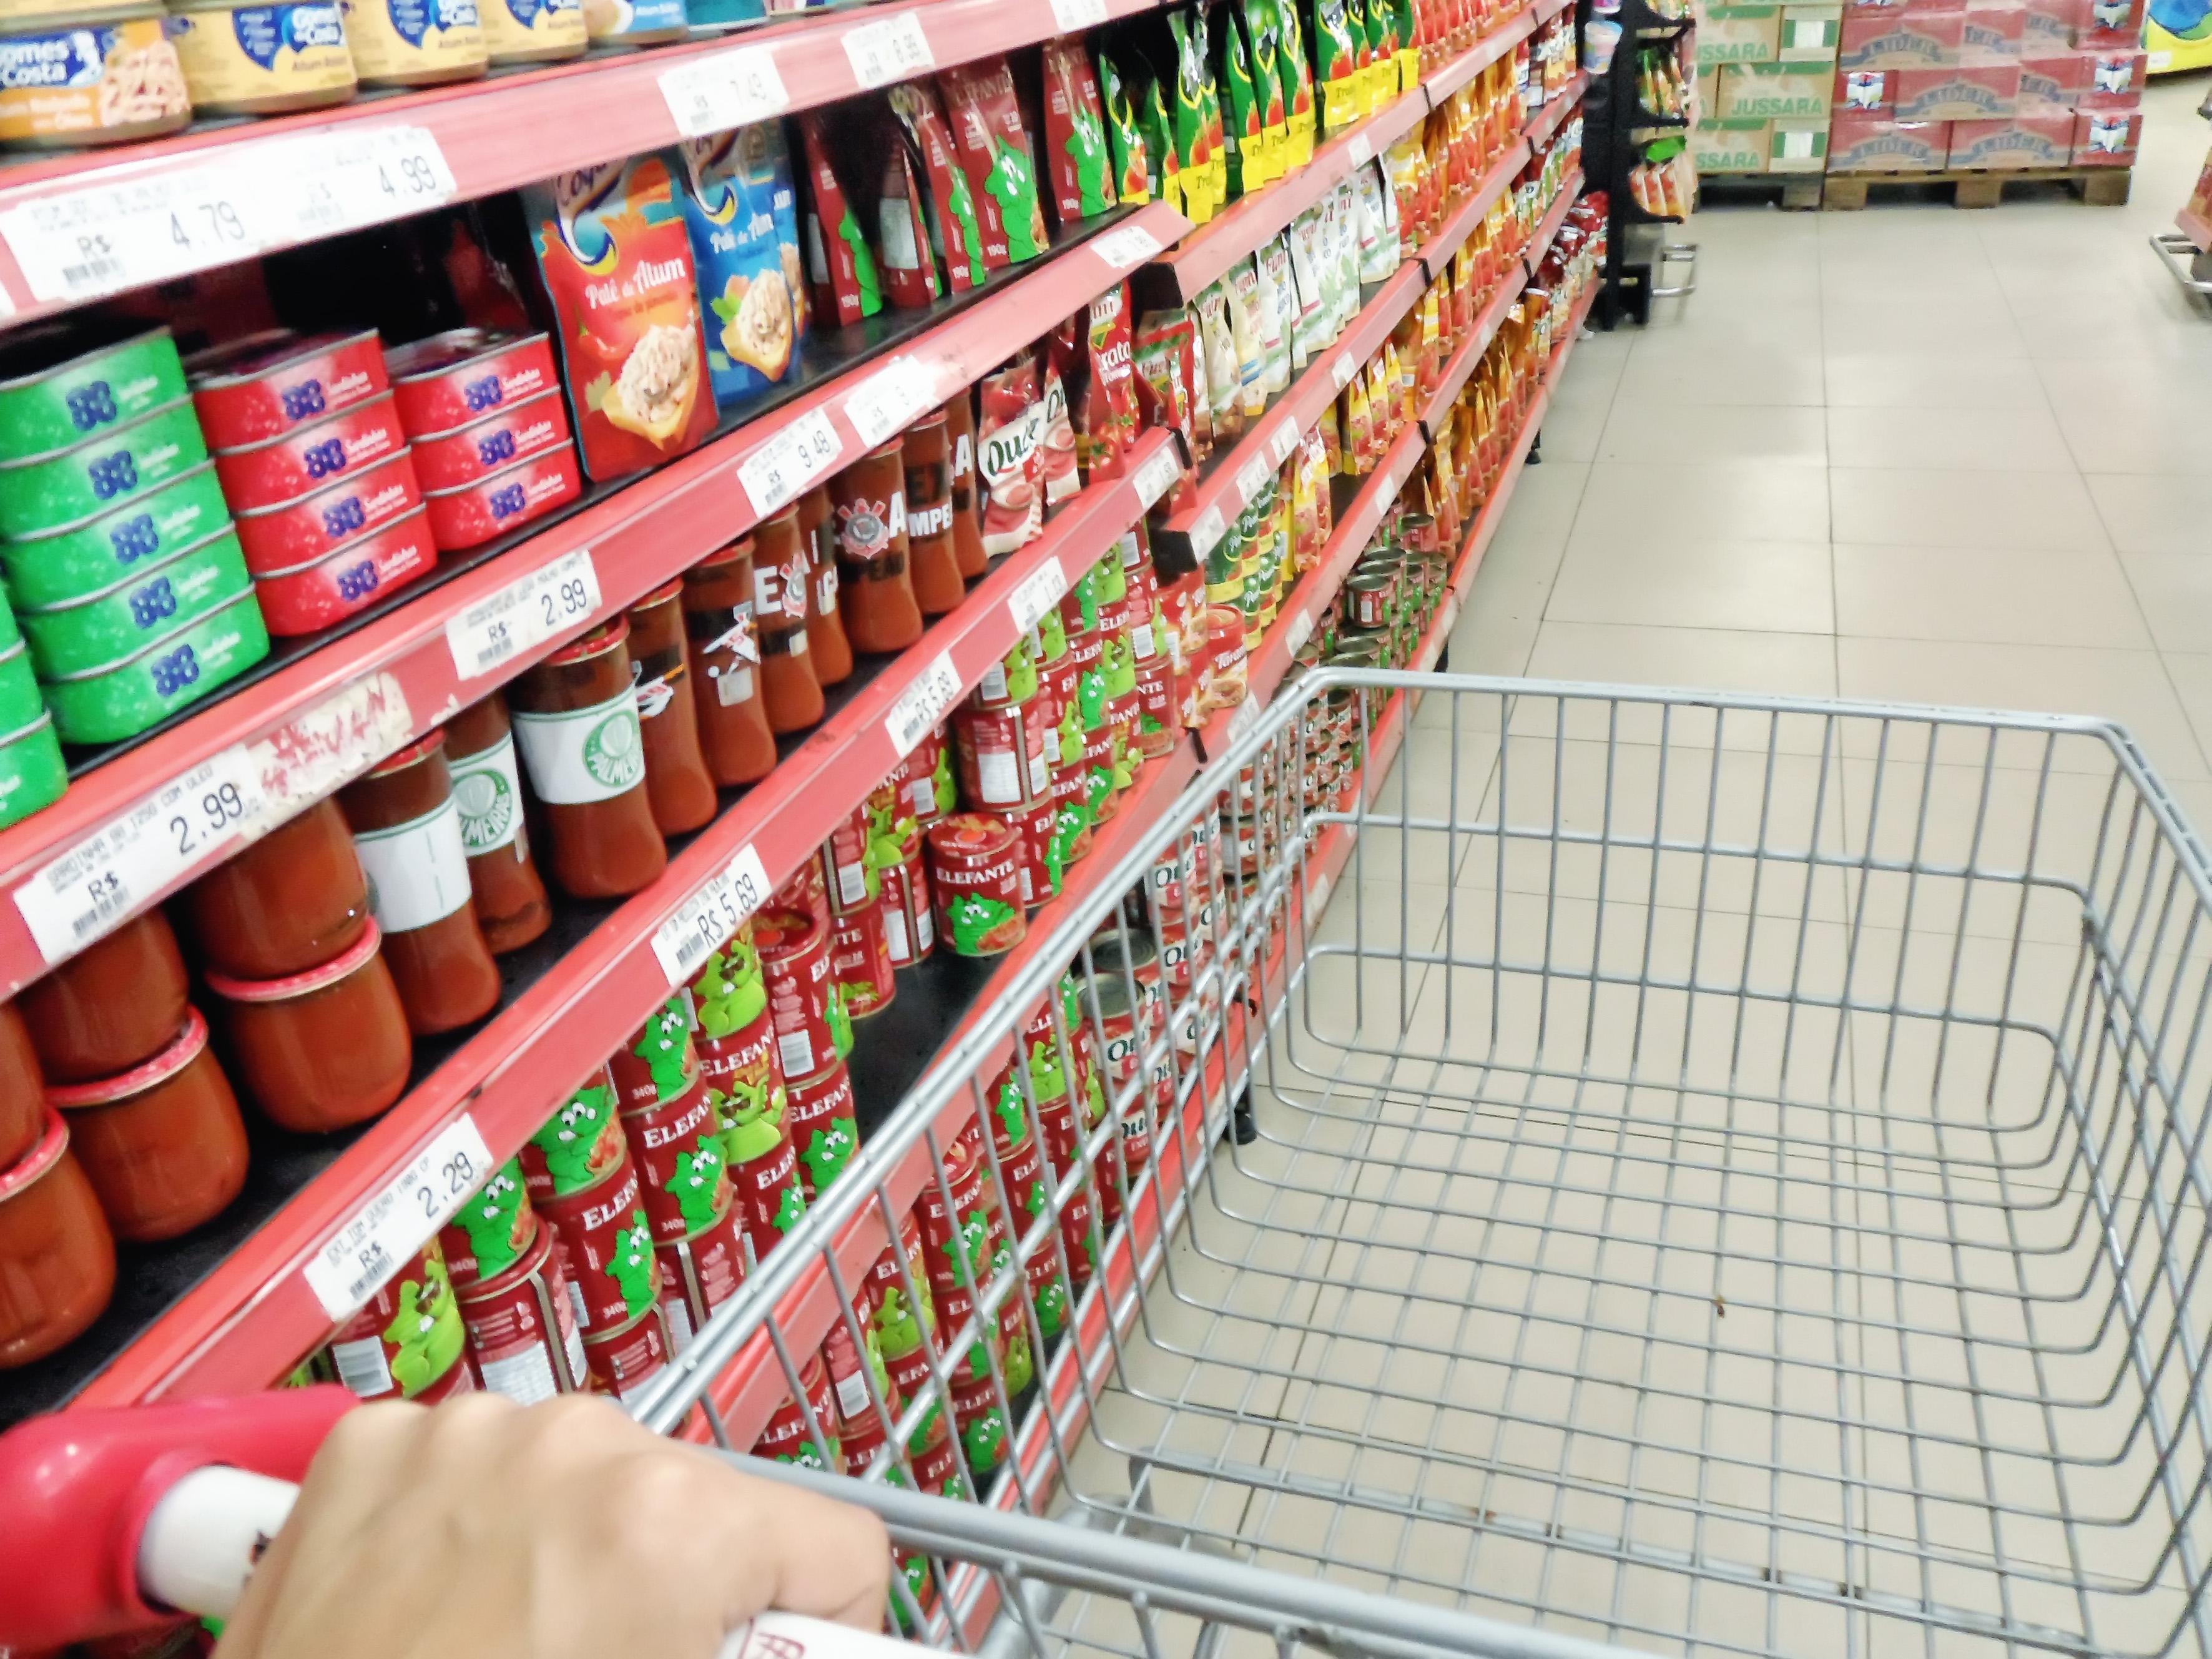 O carinho de compras vazio; preços altos inibem gastos de servidores (Foto: Maria Fernanda Rezende)